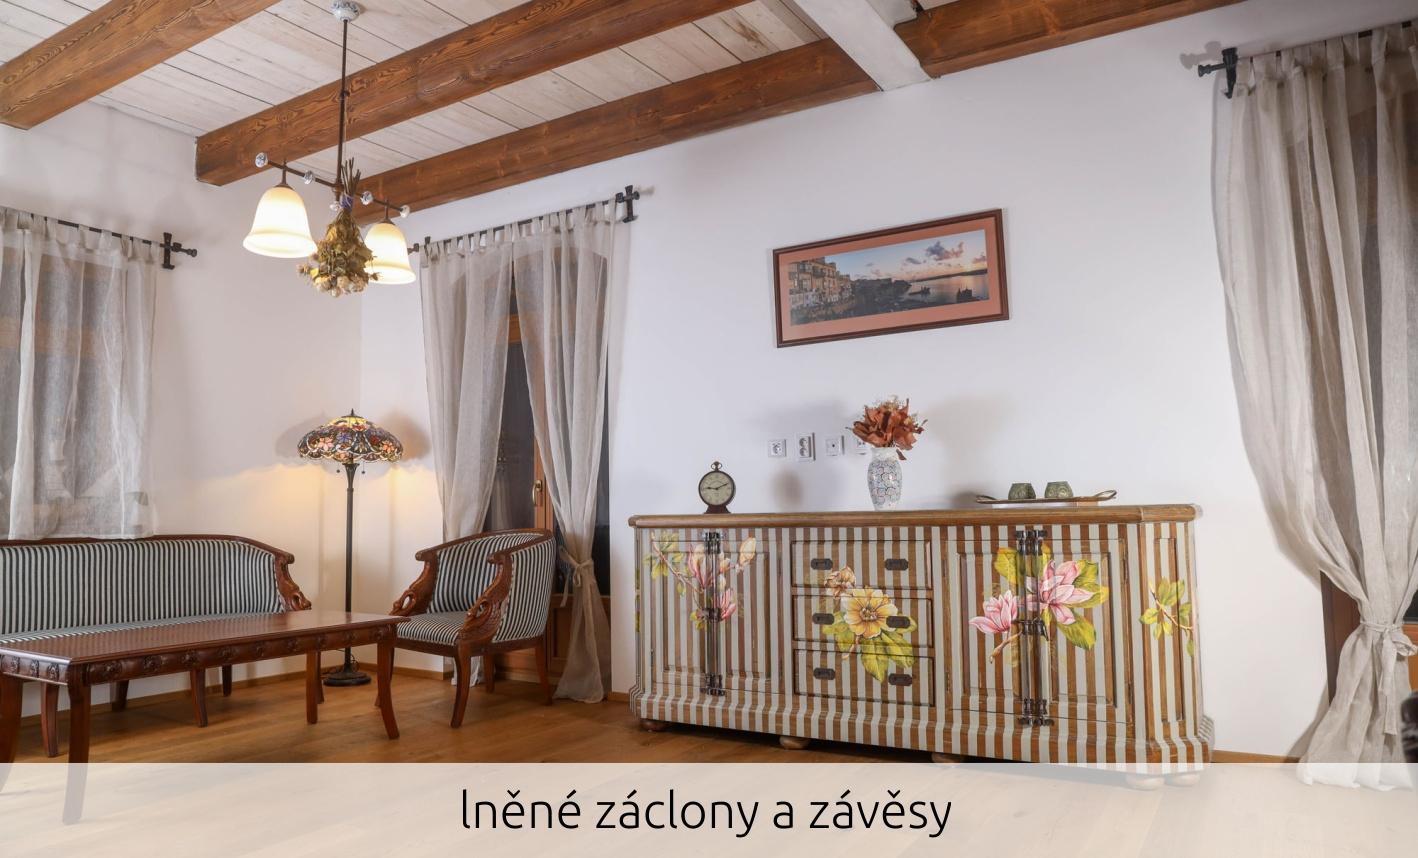 Záclony v interiéru